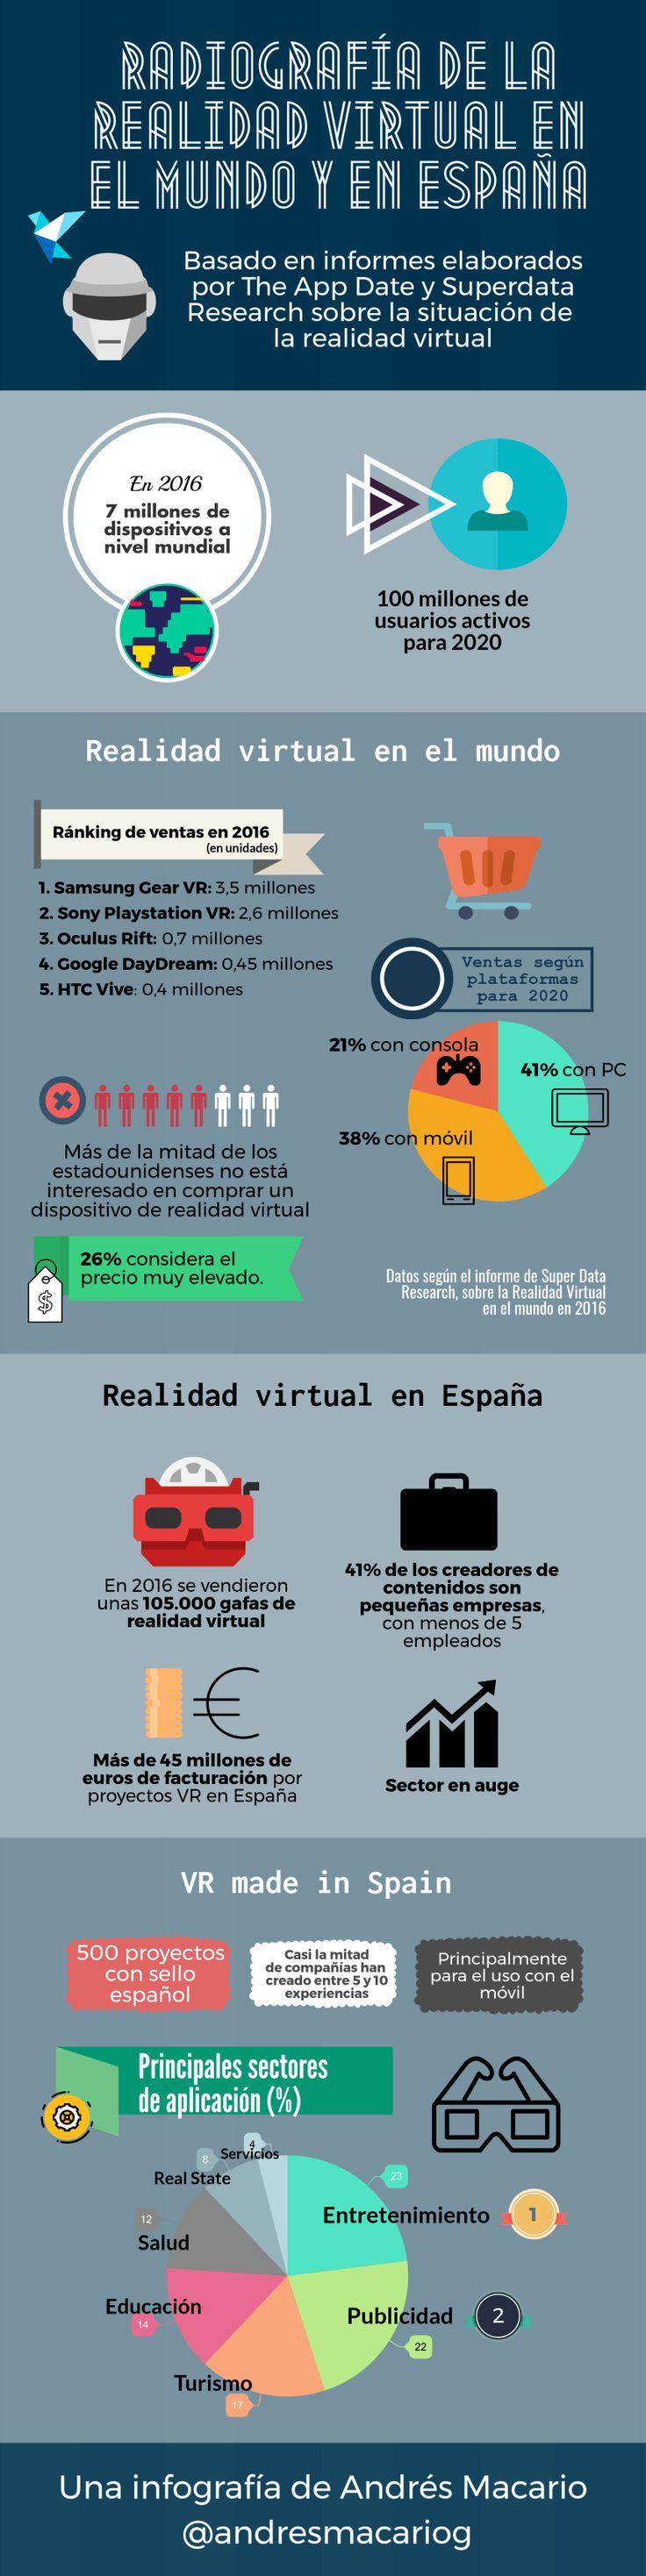 Radiografía de la realidad virtual en el Mundo y en España #infografia